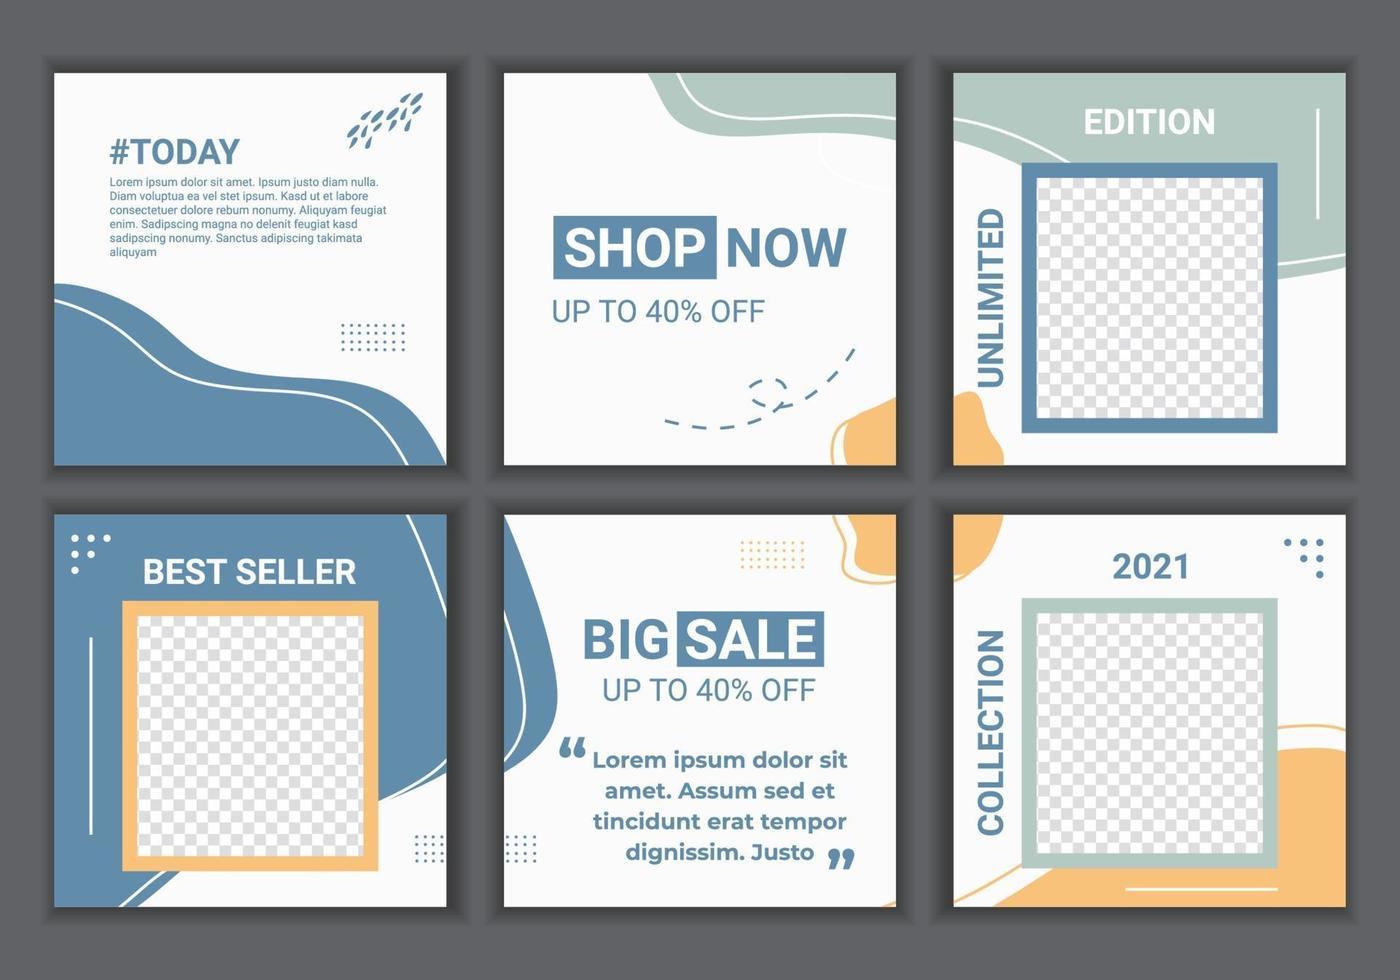 pastellfärgade sociala medier postar mallar med plats för foto. abstrakta bakgrunder i minimal stil med blå och orange pastell för mobilappar, försäljningswebbanners. vektor illustration